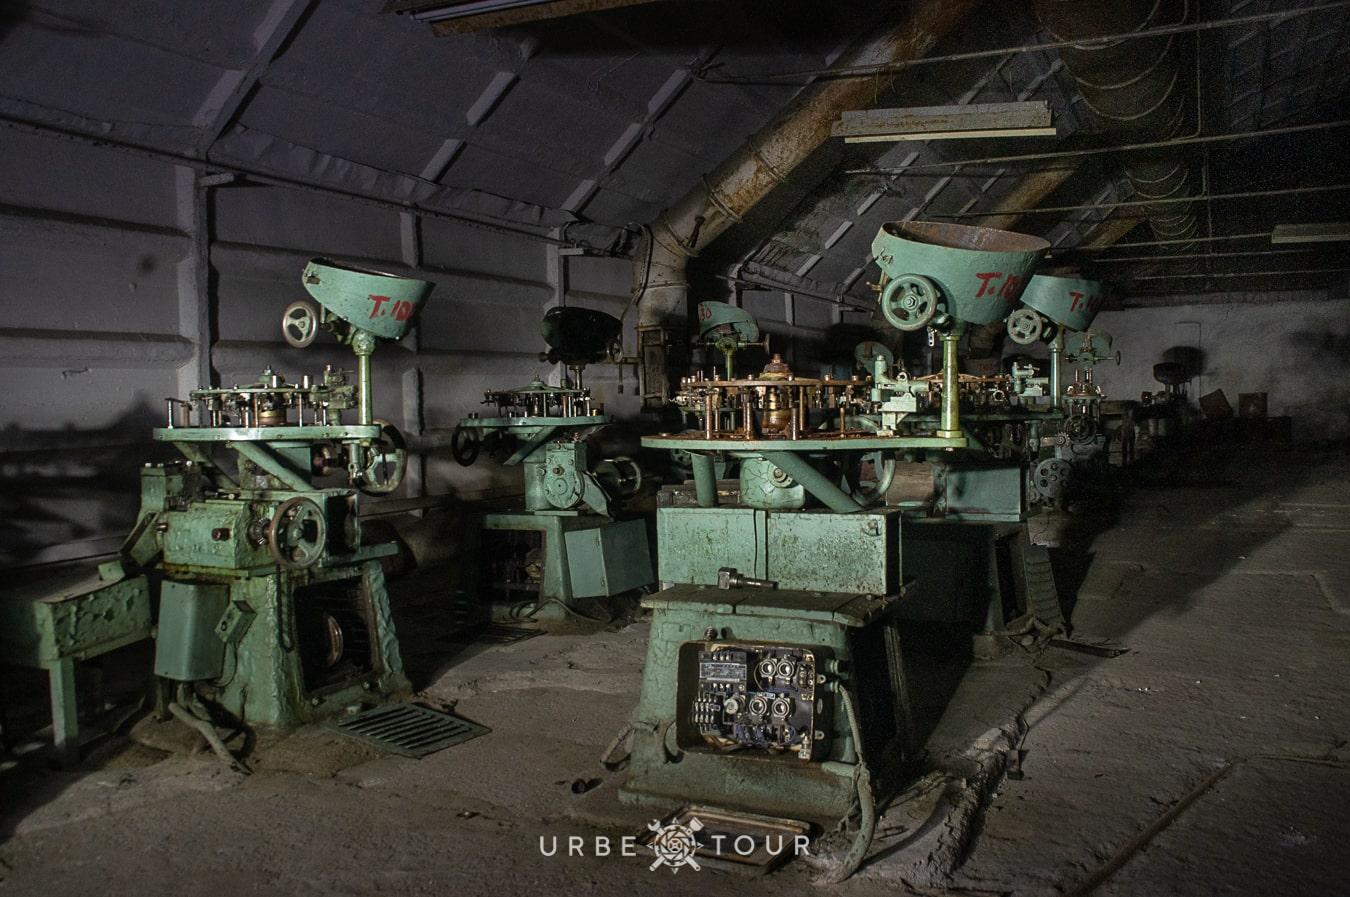 polican-communist-wearpon-underground-plant-36 Поличан: секретный военный бункер-завод коммунистов в горах Албании